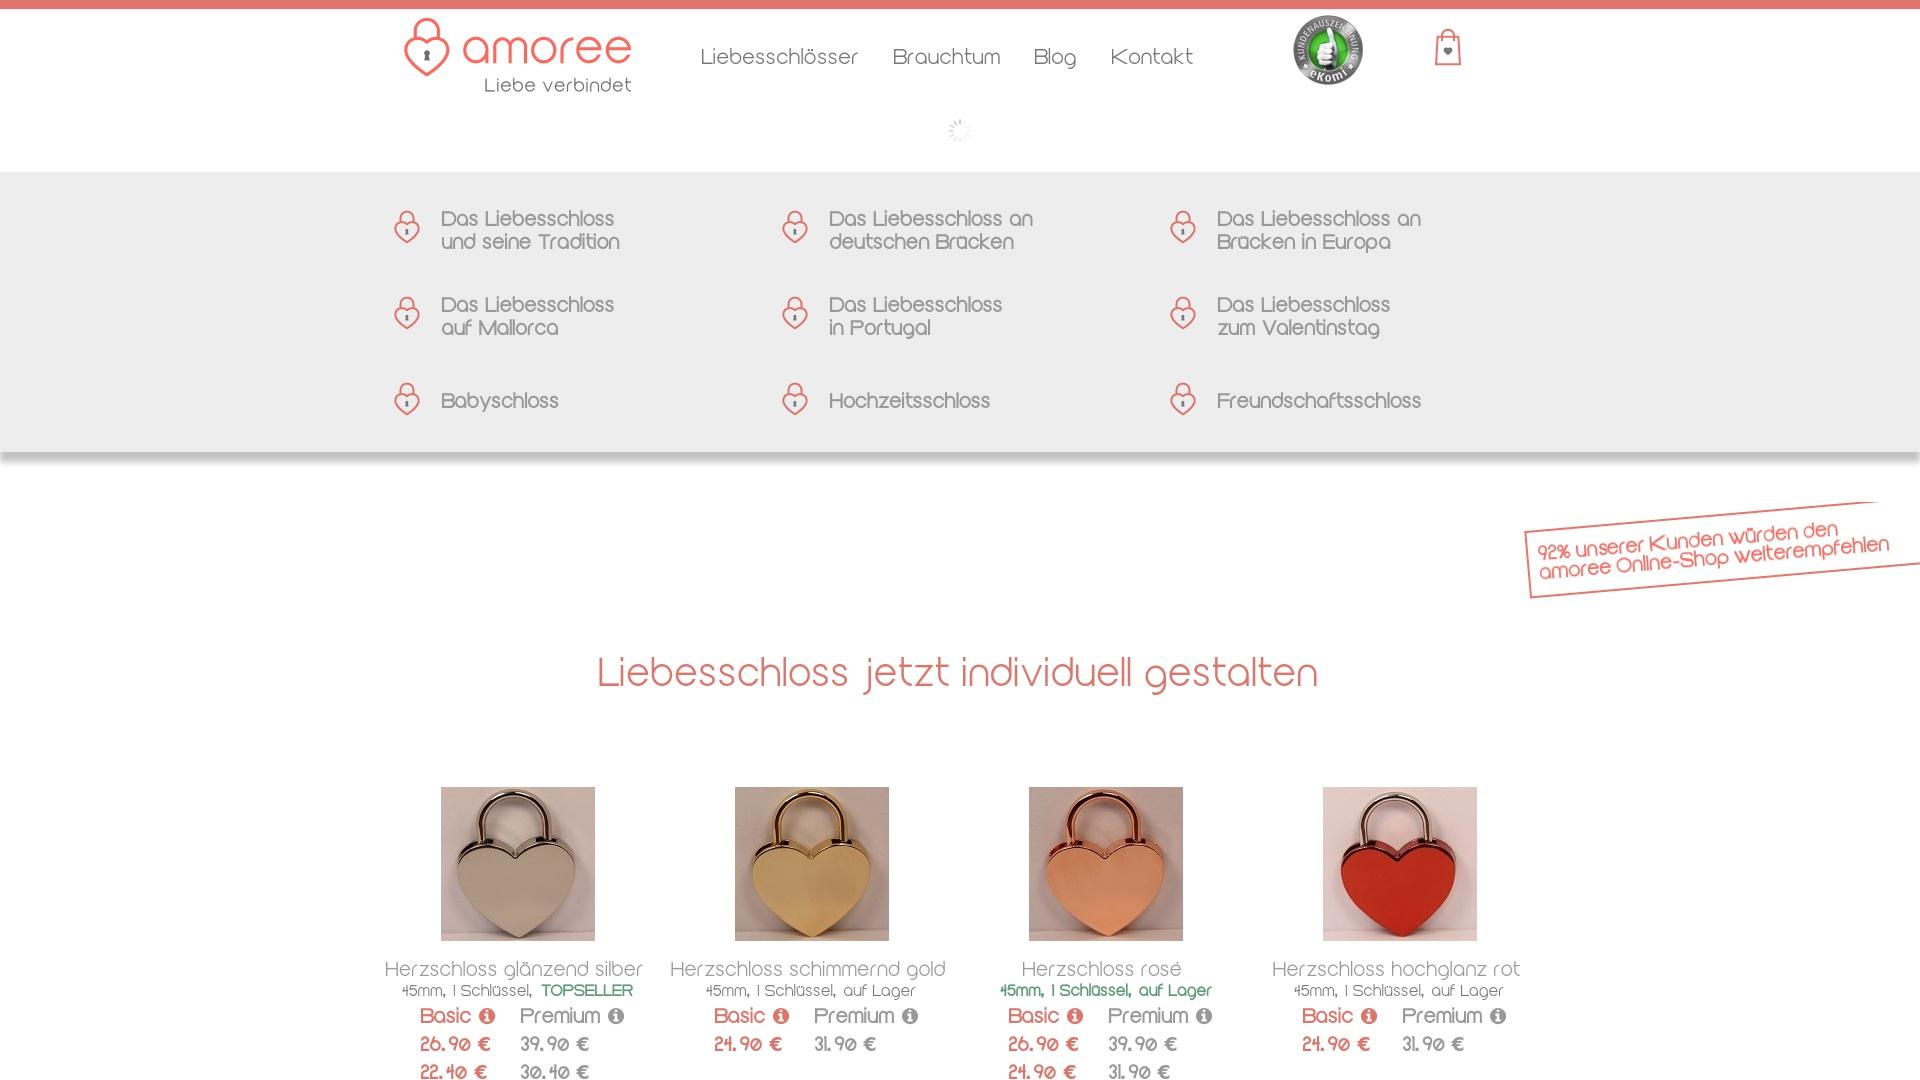 Gutschein für Amoree: Rabatte für  Amoree sichern